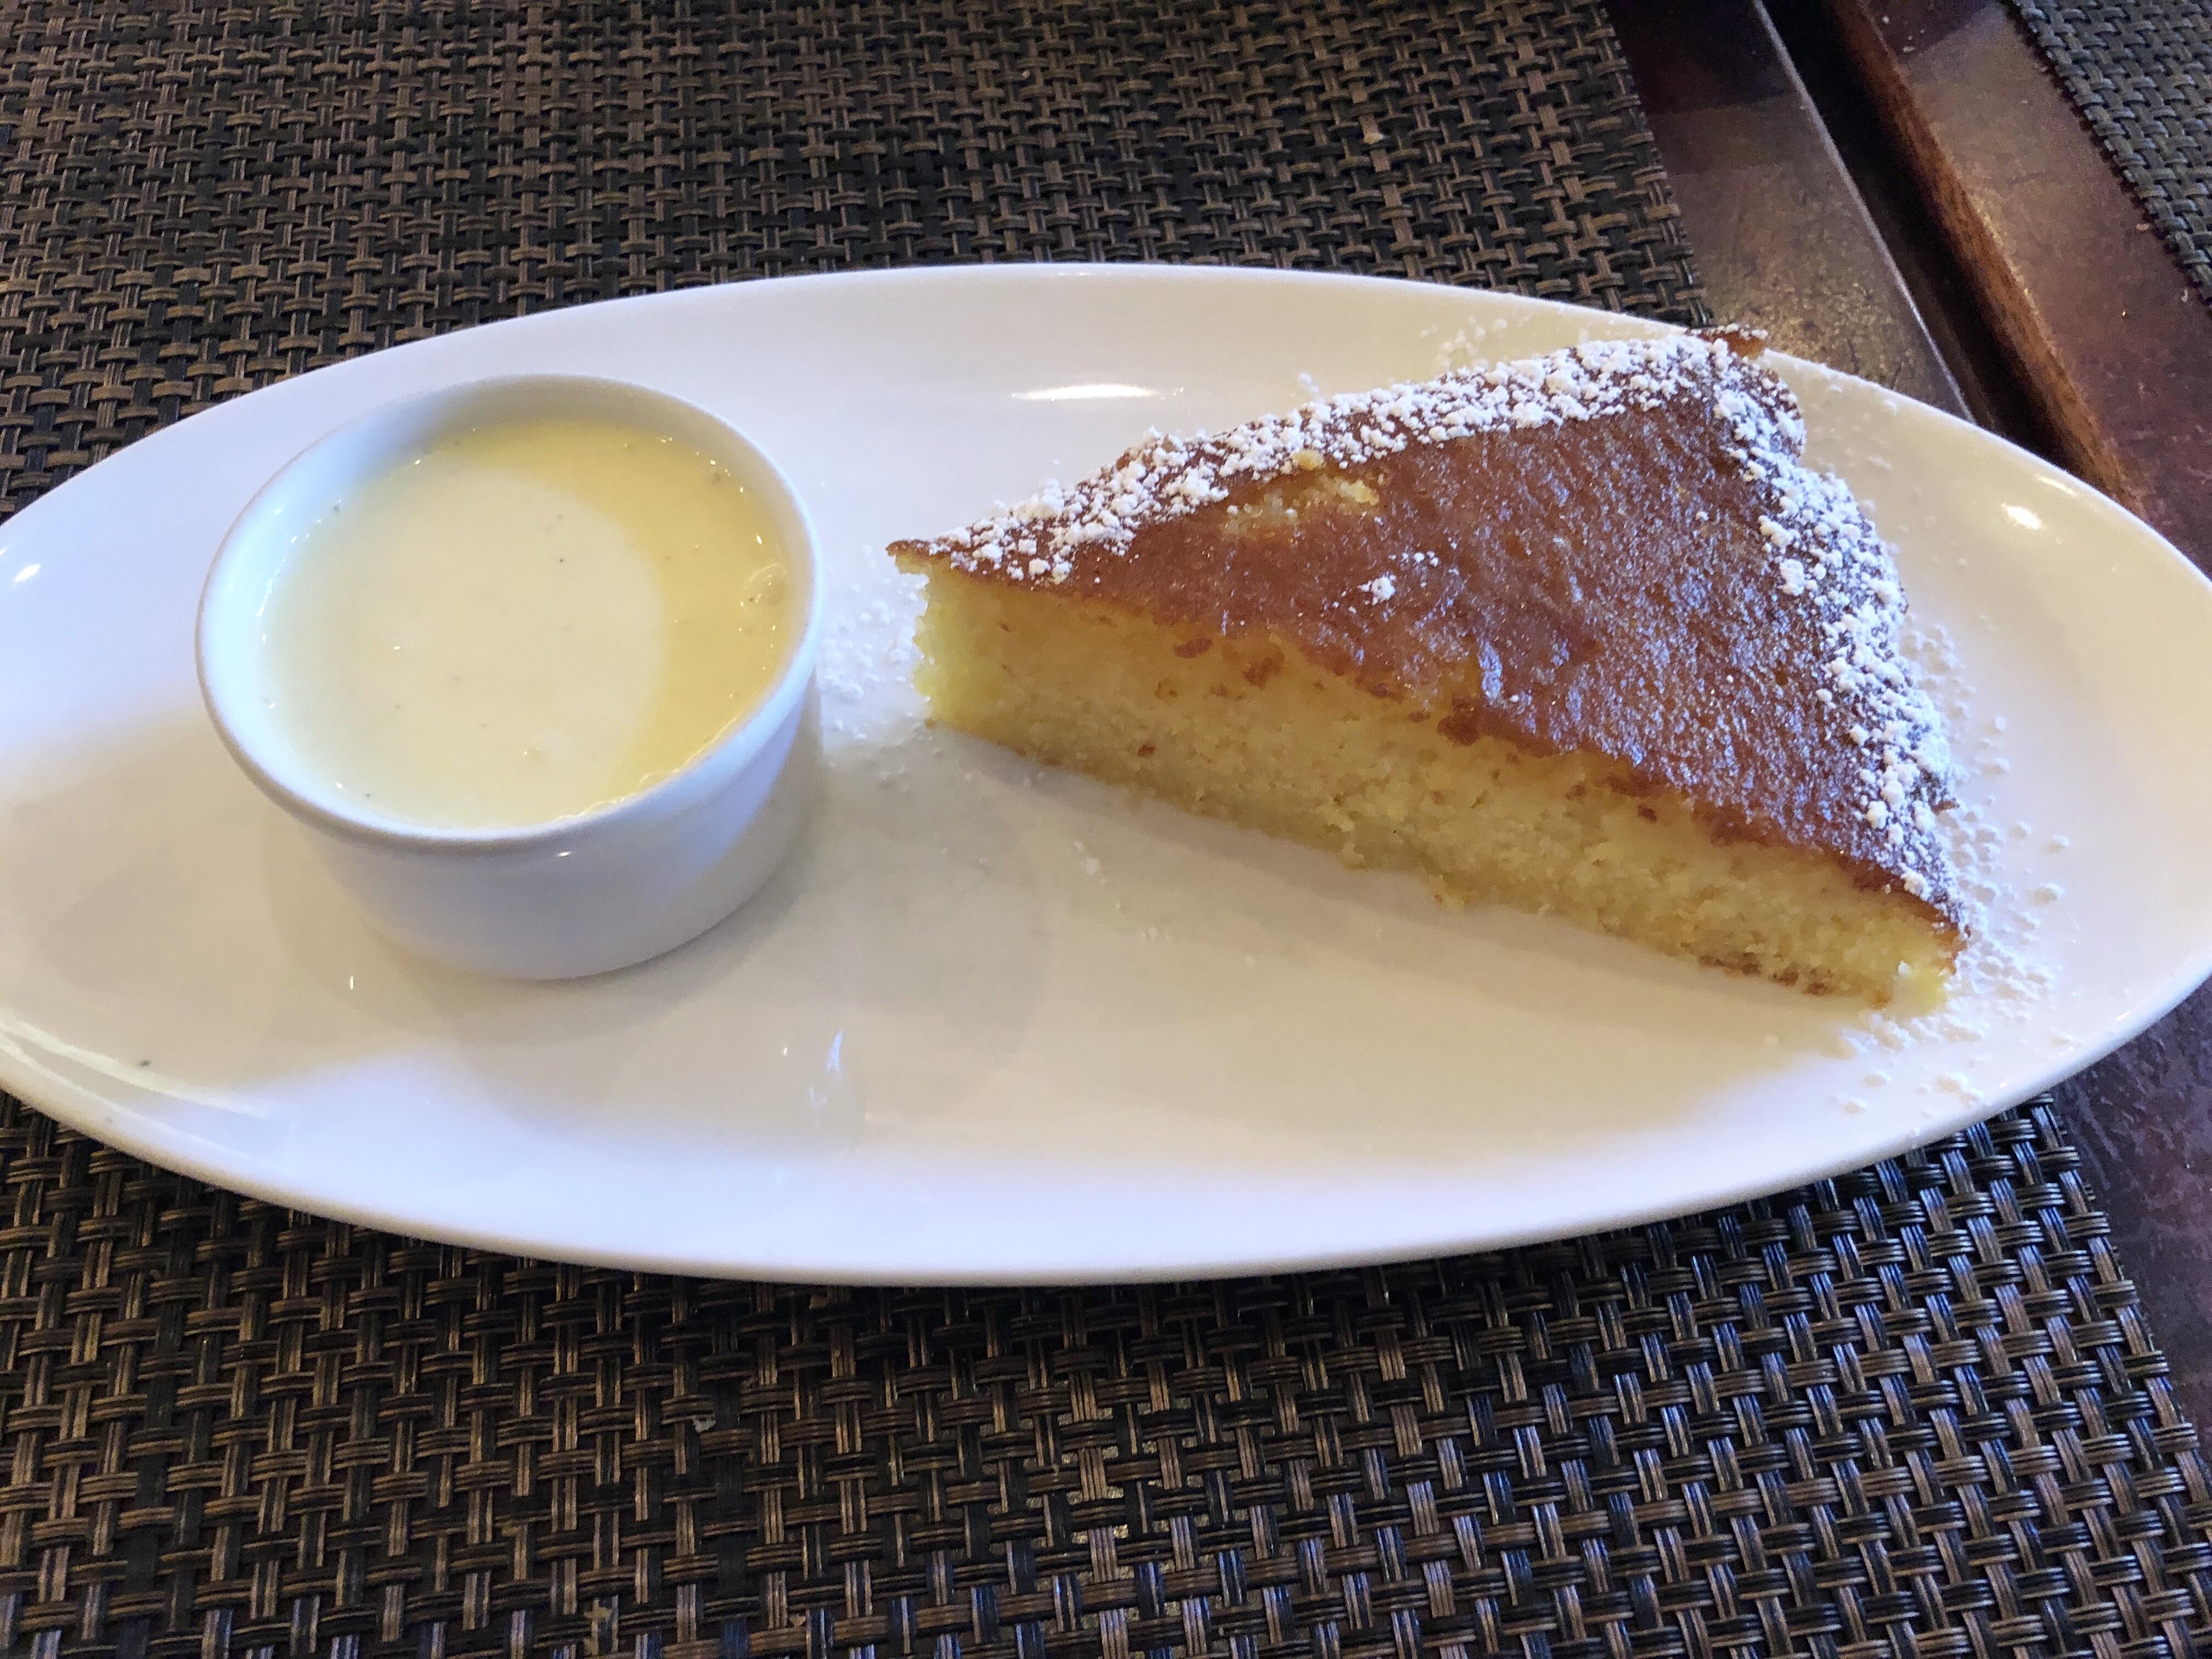 Gateau a la' orange for dessert at La Piquette in Washington DC